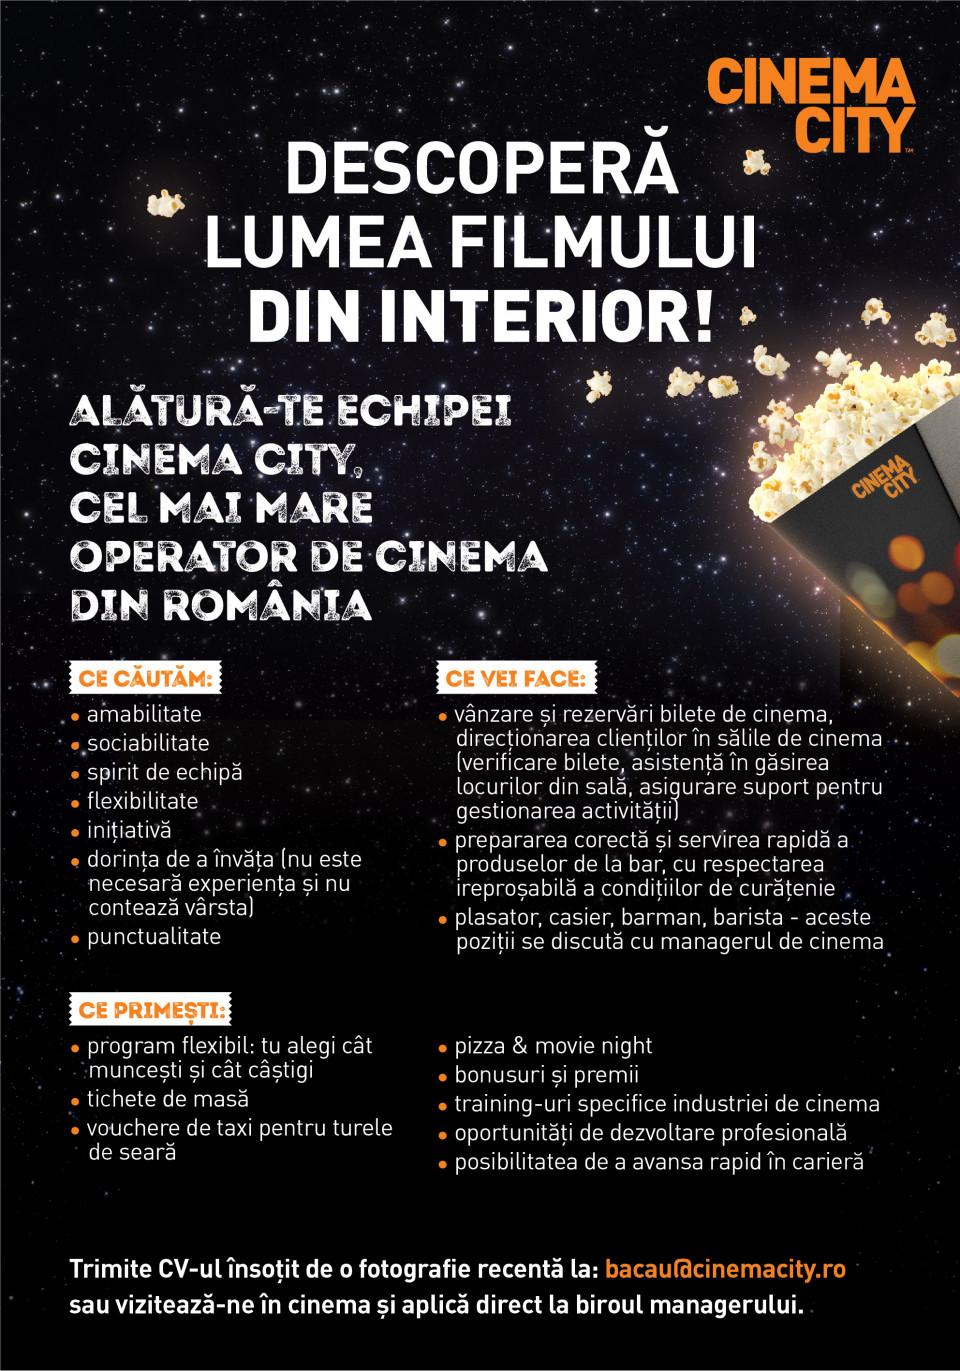 DESCOPERĂ LUMEA FILMULUI DIN INTERIOR!  Alătură-te echipei Cinema City, cel mai mare operator de cinema din România.  Cum ne dorim sa fie noul nostru coleg:  Cu atitudine pozitivă Dornic să învețe (nu este necesară experiența și nu contează vârsta) Punctual Cu bune abilități de comunicare și relaționare Amabil Să îi placă să lucreze în echipă Determinat Cu inițiativă Căutăm colegi care să descopere cu entuziasm lumea filmului din interior pentru următoarele roluri  Barman / Barista / Casier / Plasator  În funcție de rolul potrivit pentru tine, responsabilitățile generale ar putea fi:  - vânzarea de bilete și rezervări bilete de cinema, direcționarea clienților în cinema (verificare bilete, asistență în găsirea locurilor din sală, asigurare suport pentru gestionarea activității);  - preparea corectă și servirea rapidă a produselor de la bar sau cafenea, cu respectarea ireproșabilă a condițiilor de curățenie;  - întâmpinarea clienților și oferirea informațiilor corecte despre produsele noastre;  Barman / Barista / Casier / Plasator – aceste poziții se discută în cadrul interviului.  Ce îți garantăm:  - Program flexibil (tu alegi cât muncești și cât câștigi) - Tichete de masa - Pizza & Movie night - Bonusuri și premii - Training-uri specifice industriei de cinema - Vouchere de taxi pentru turele de seară - Oportunități de dezvoltare profesională - Posibilitatea de a avansa rapid în carieră  Punem accent pe dezvoltarea oamenilor și ne dorim ca fiecare coleg să fie foarte bine pregătit profesional existând șanse de promovare. Dezvoltă și tu o carieră în industria de cinema!  Trimite CV-ul insotit de o fotografie recenta la: bacau@cinemacity.ro sau viziteaza-ne in cinema si aplica direct la biroul managerului.  Te așteptăm cu drag! Descoperă lumea filmului din interior!Alătură-te echipei Cinema City, cel mai mare operator de cinema din România, parte din Cineworld, al doilea mare lanț de cinematografe din lume!Ne dorim să fim cel mai bun loc unde se vizionează filmele și 